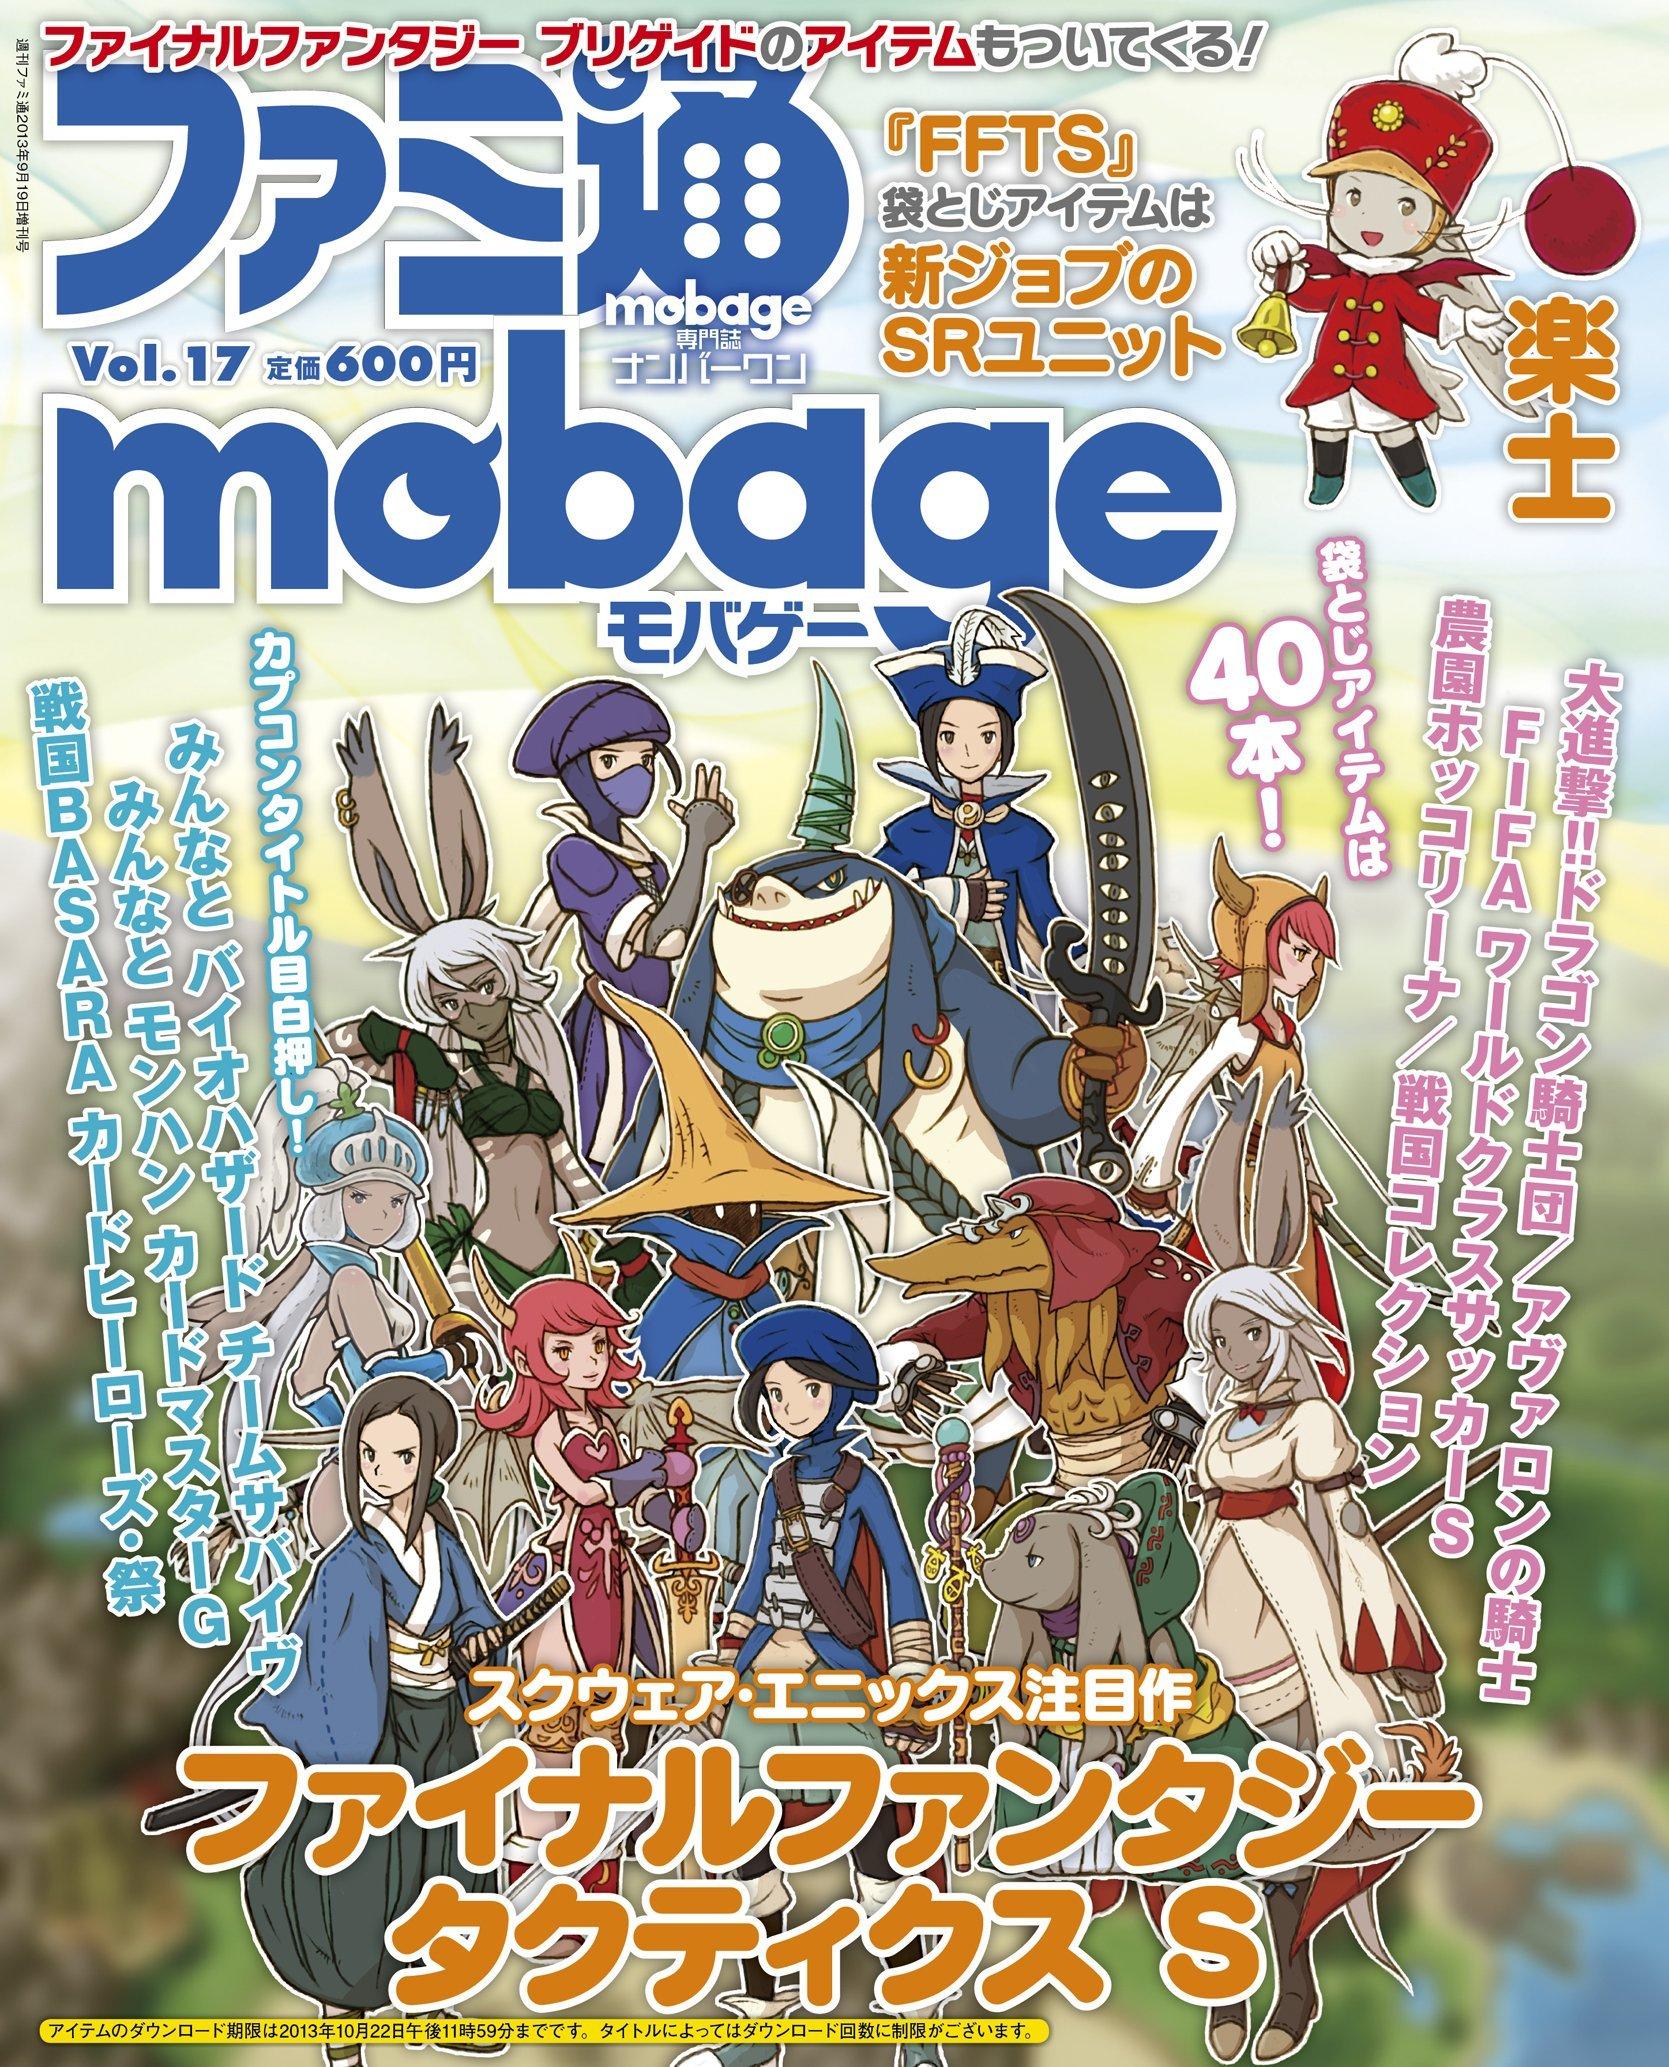 Famitsu Mobage Vol.17 September 19, 2013